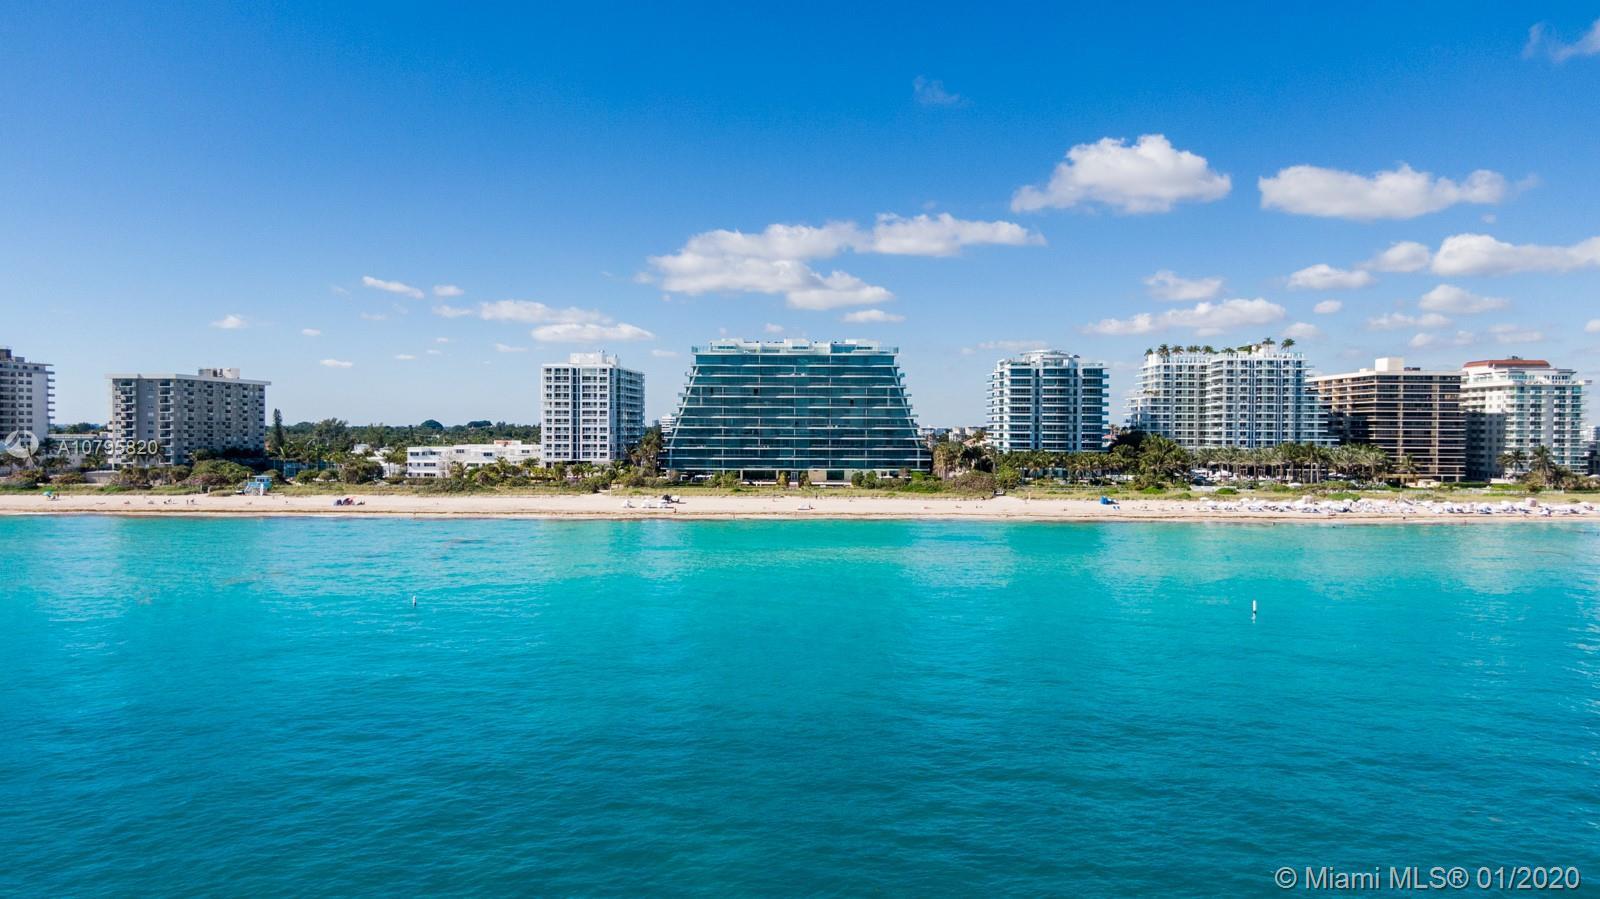 9349 Collins Ave #1006, Surfside, FL 33154 - Surfside, FL real estate listing